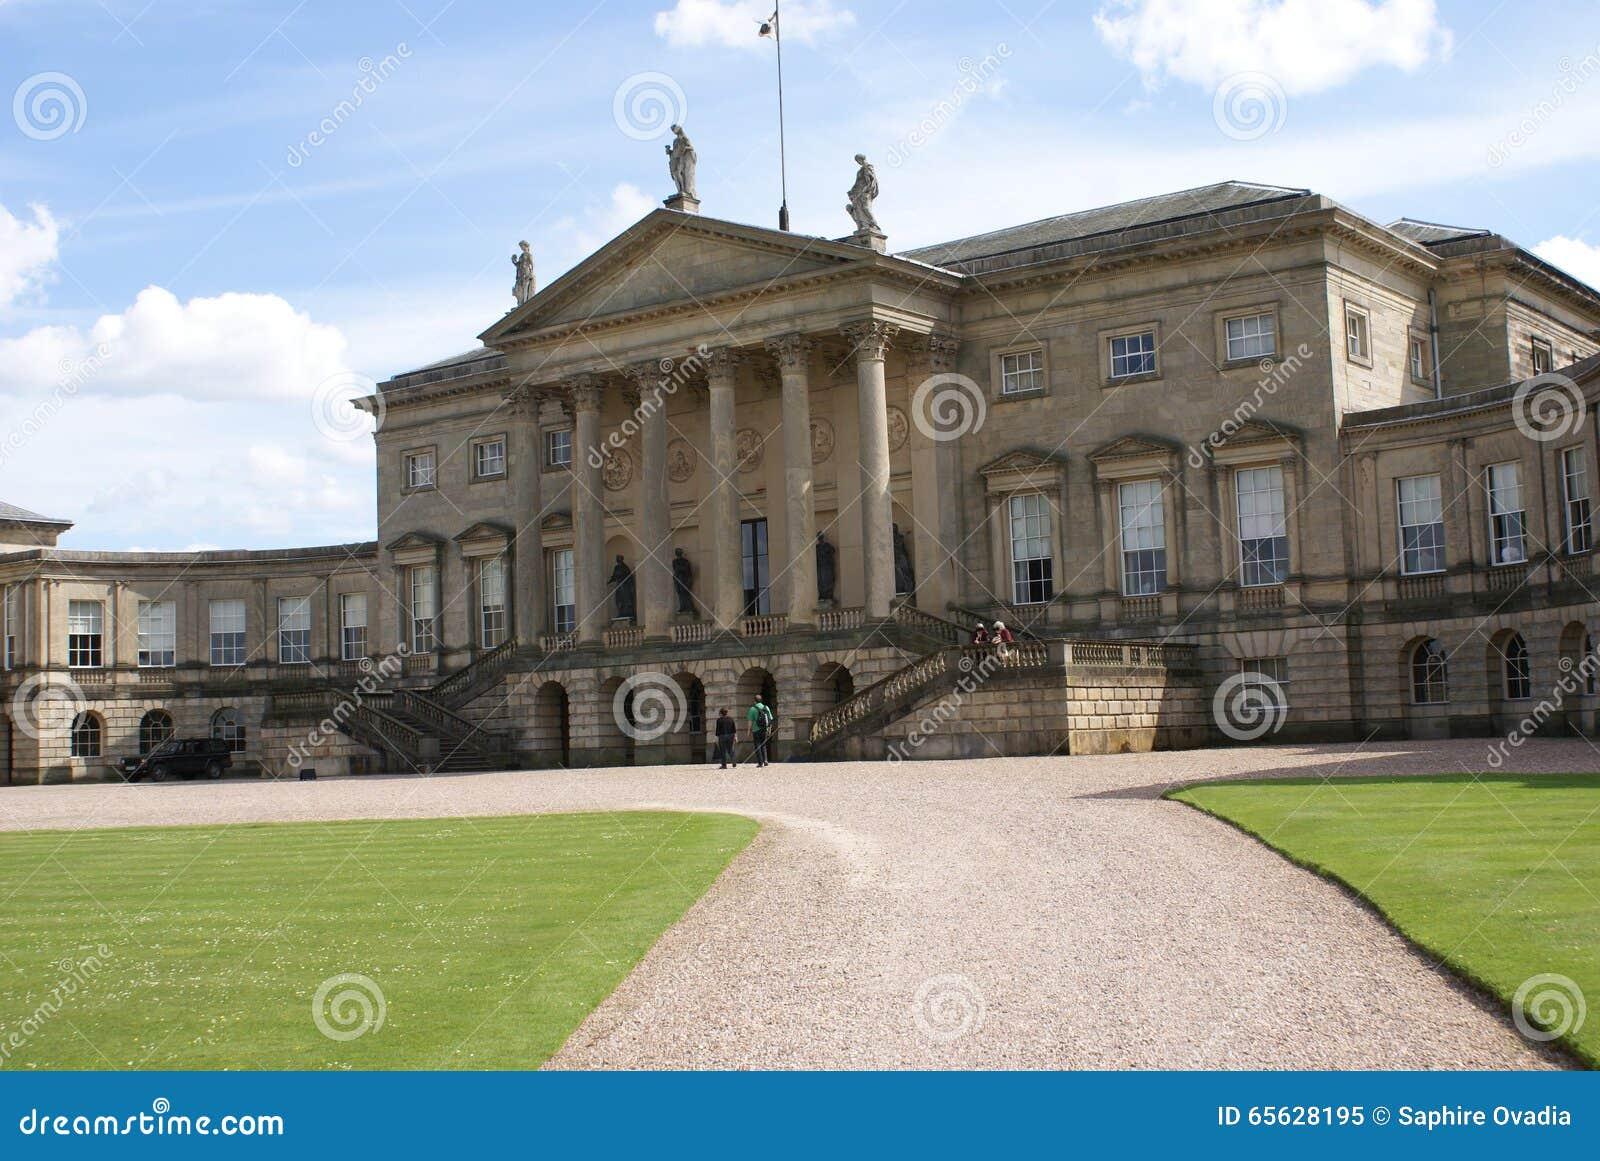 Façade décorative avec les statues, le fronton, les colonnes, et les escaliers